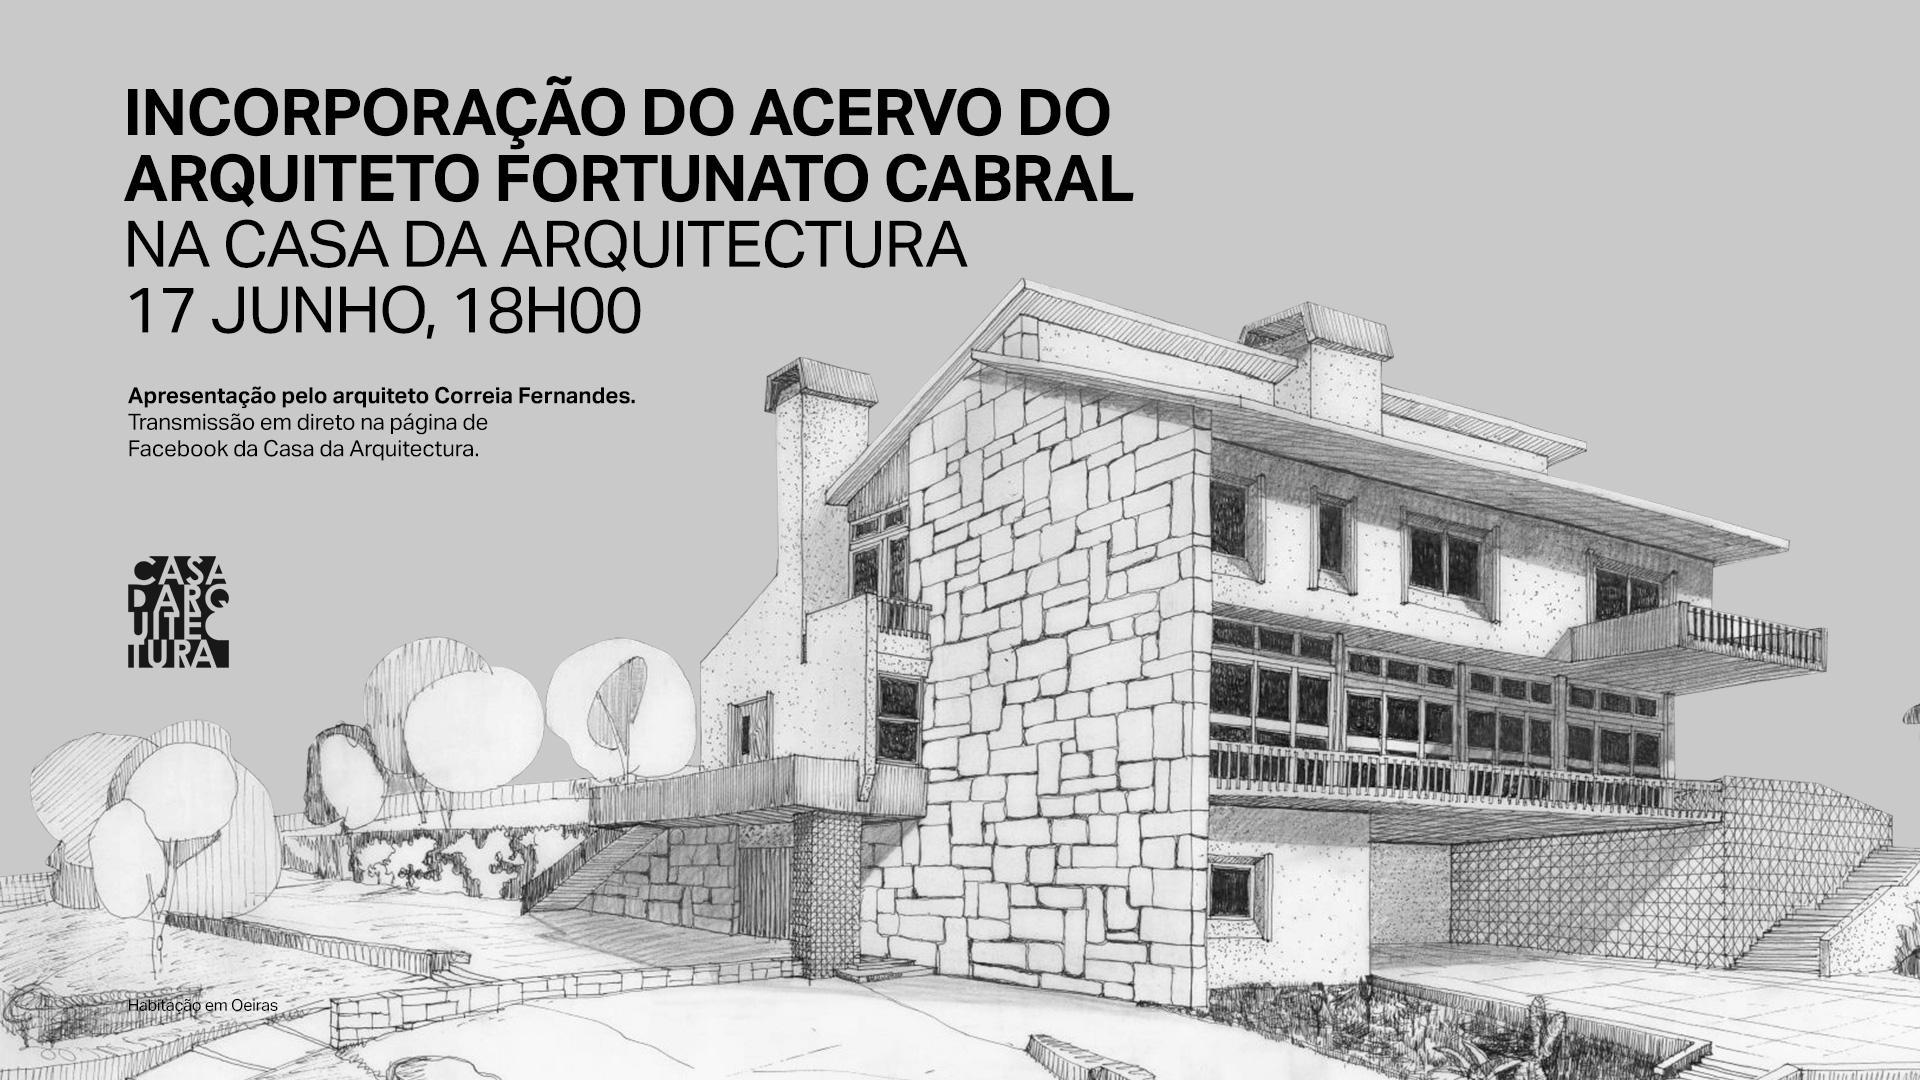 Incorporação de acervo do arquiteto Fortunato Cabral na Casa da Arquitectura